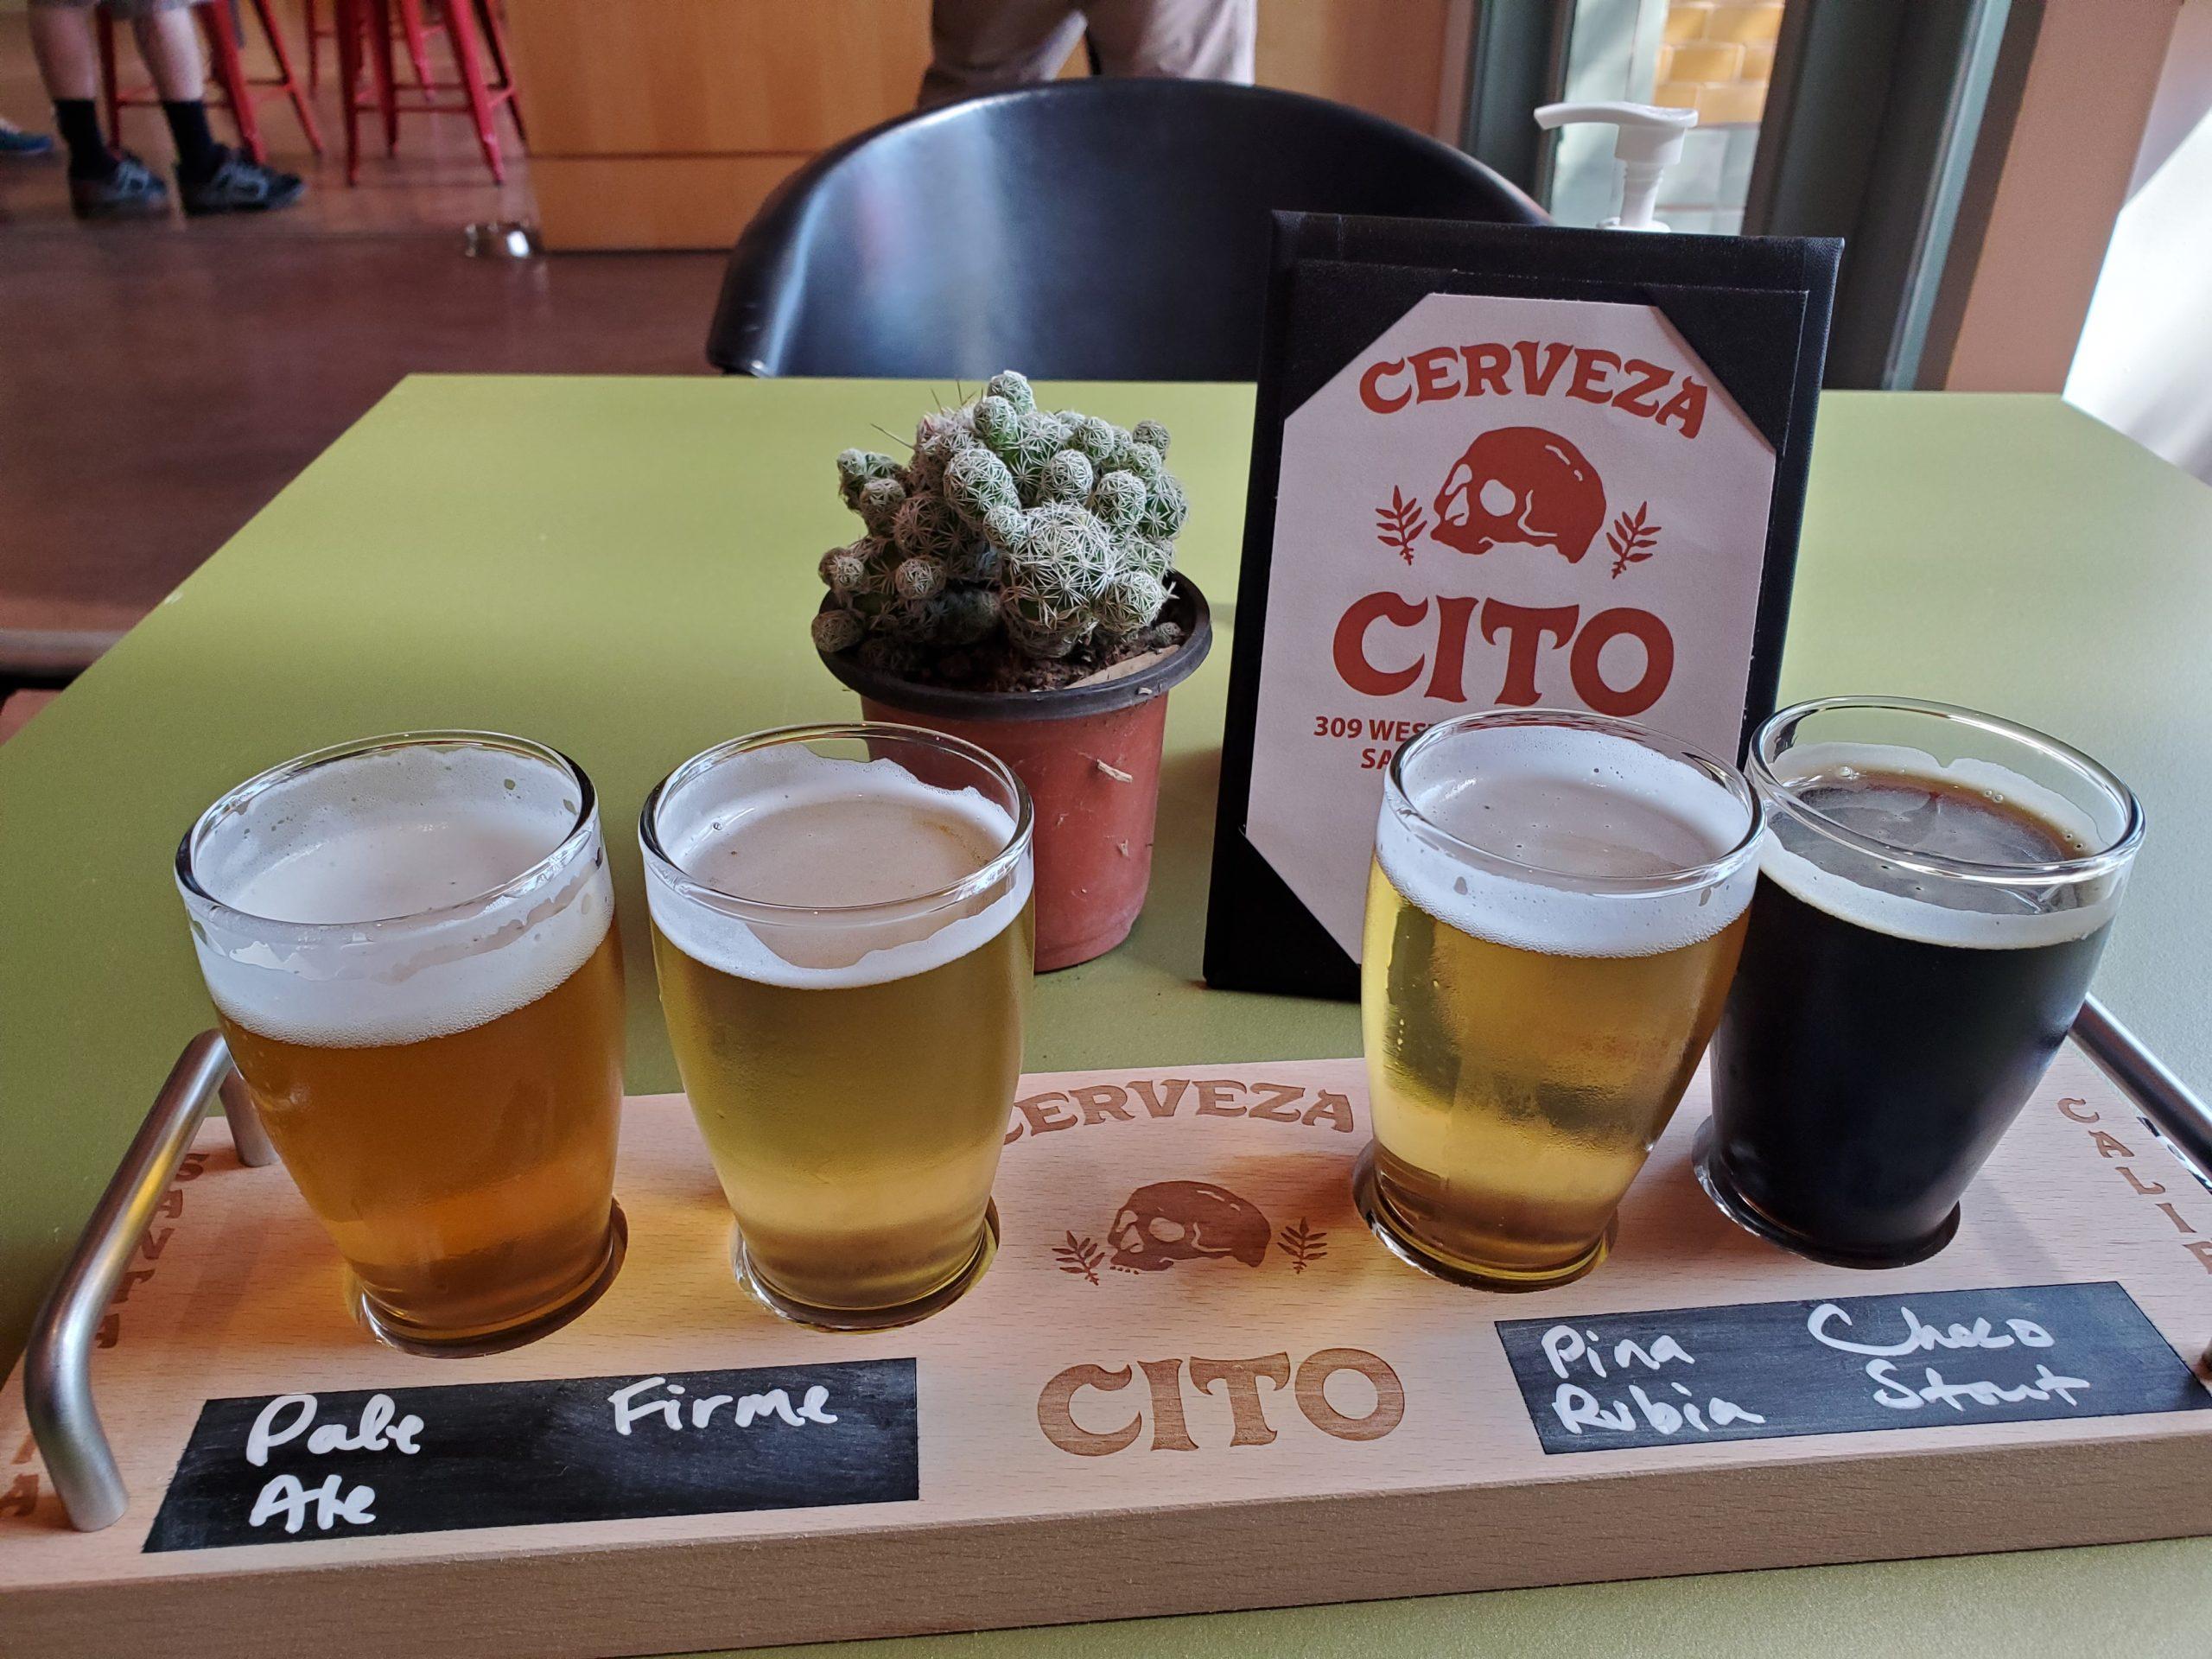 Tasters at Cito